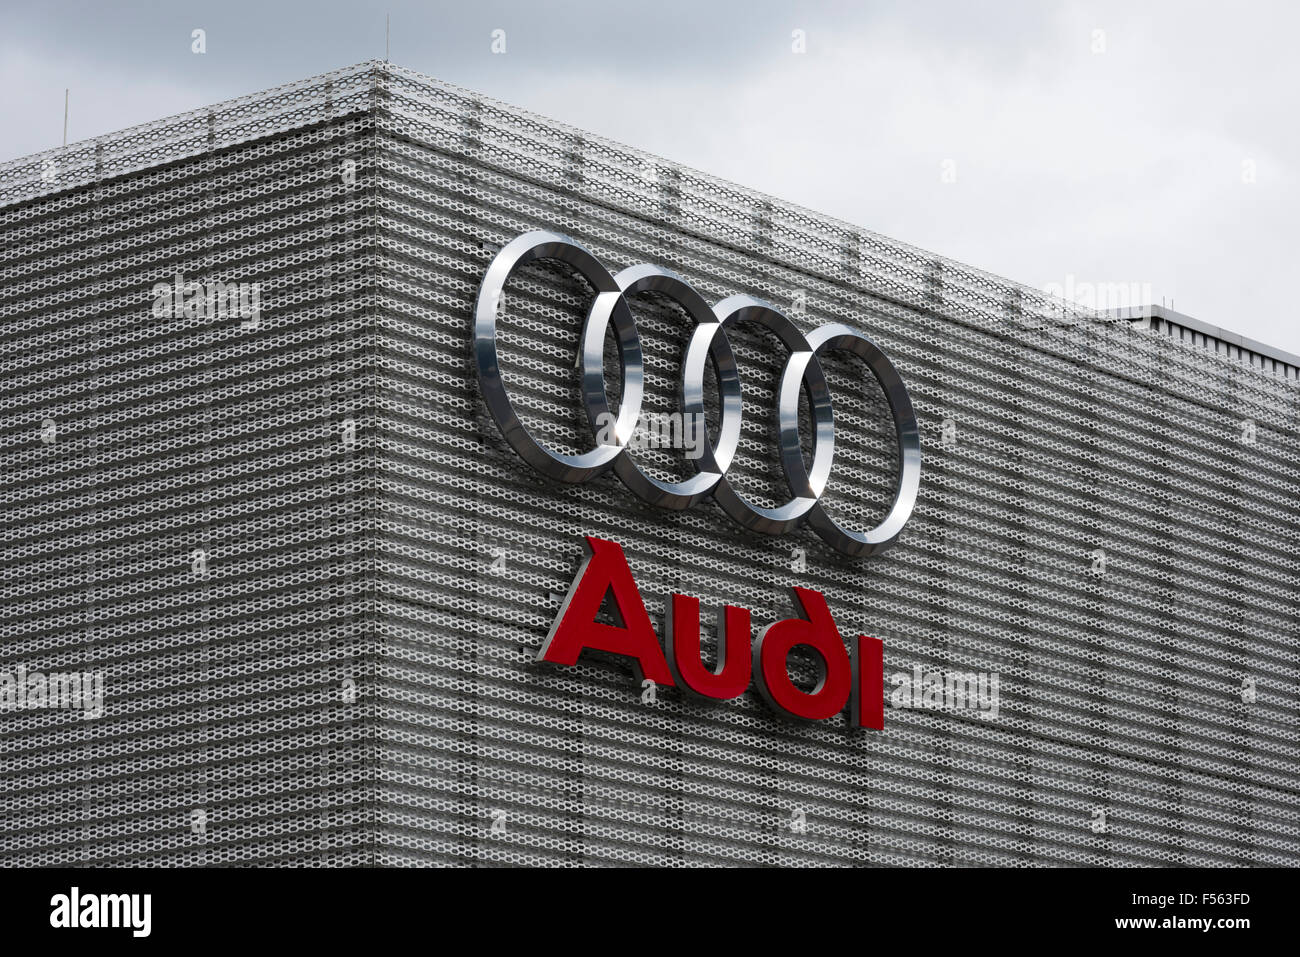 vor ort 16.06.2015, berlin, berlin, deutschland - das audi-logo auf